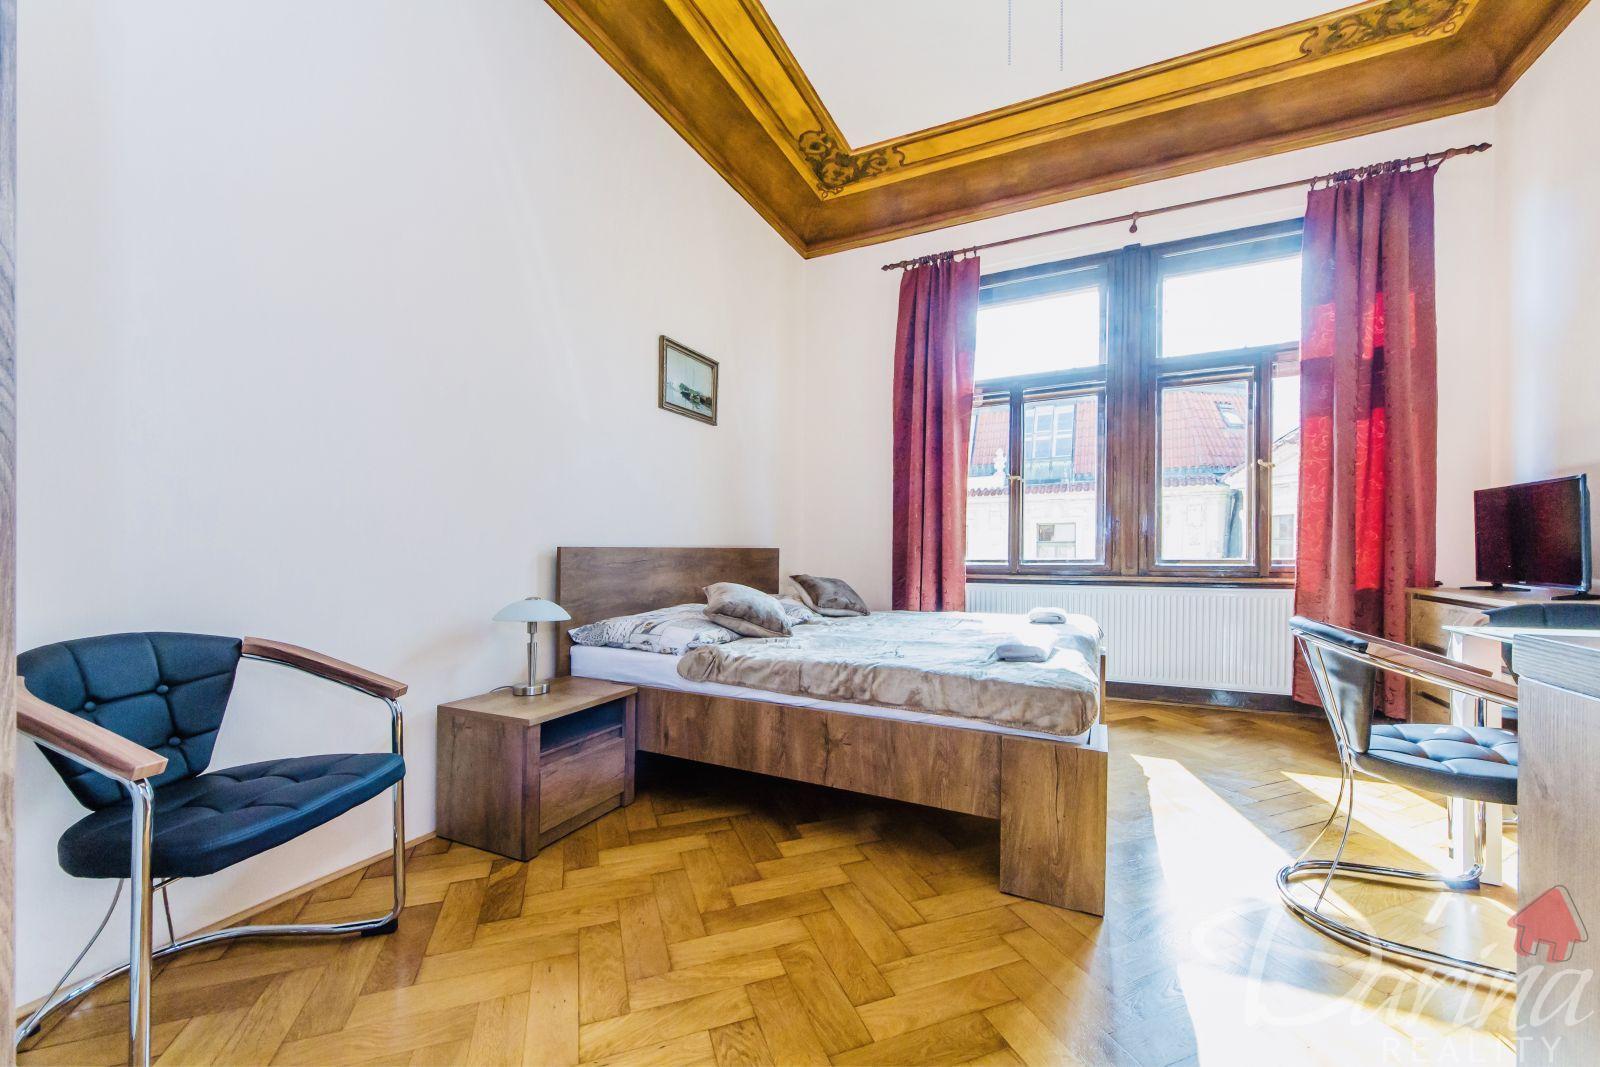 Pronájem byt, 1+kk, Staroměstské náměstí, Praha 1